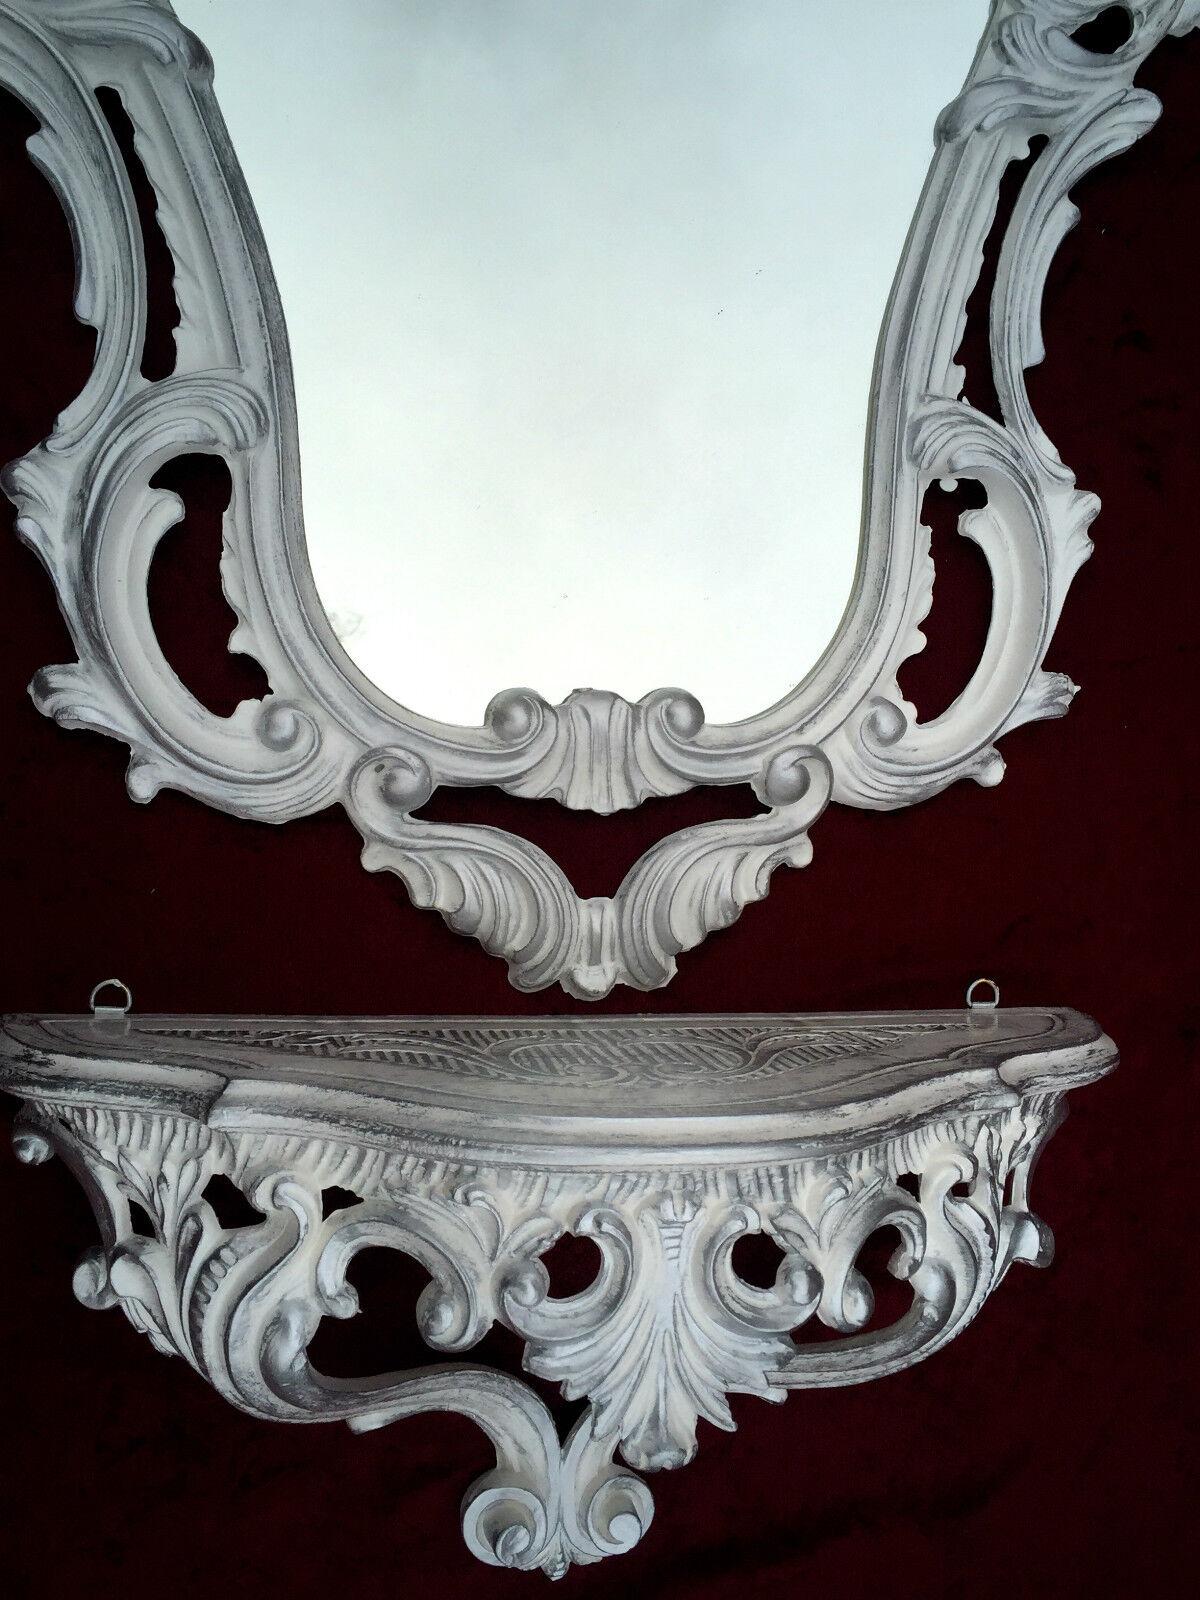 Antik Wandspiegel Mit Wandkonsole Spiegel 50x76 Antik Barock Spiegelablage Weiß Konsolen Kleinmöbel & Raumaccessoires